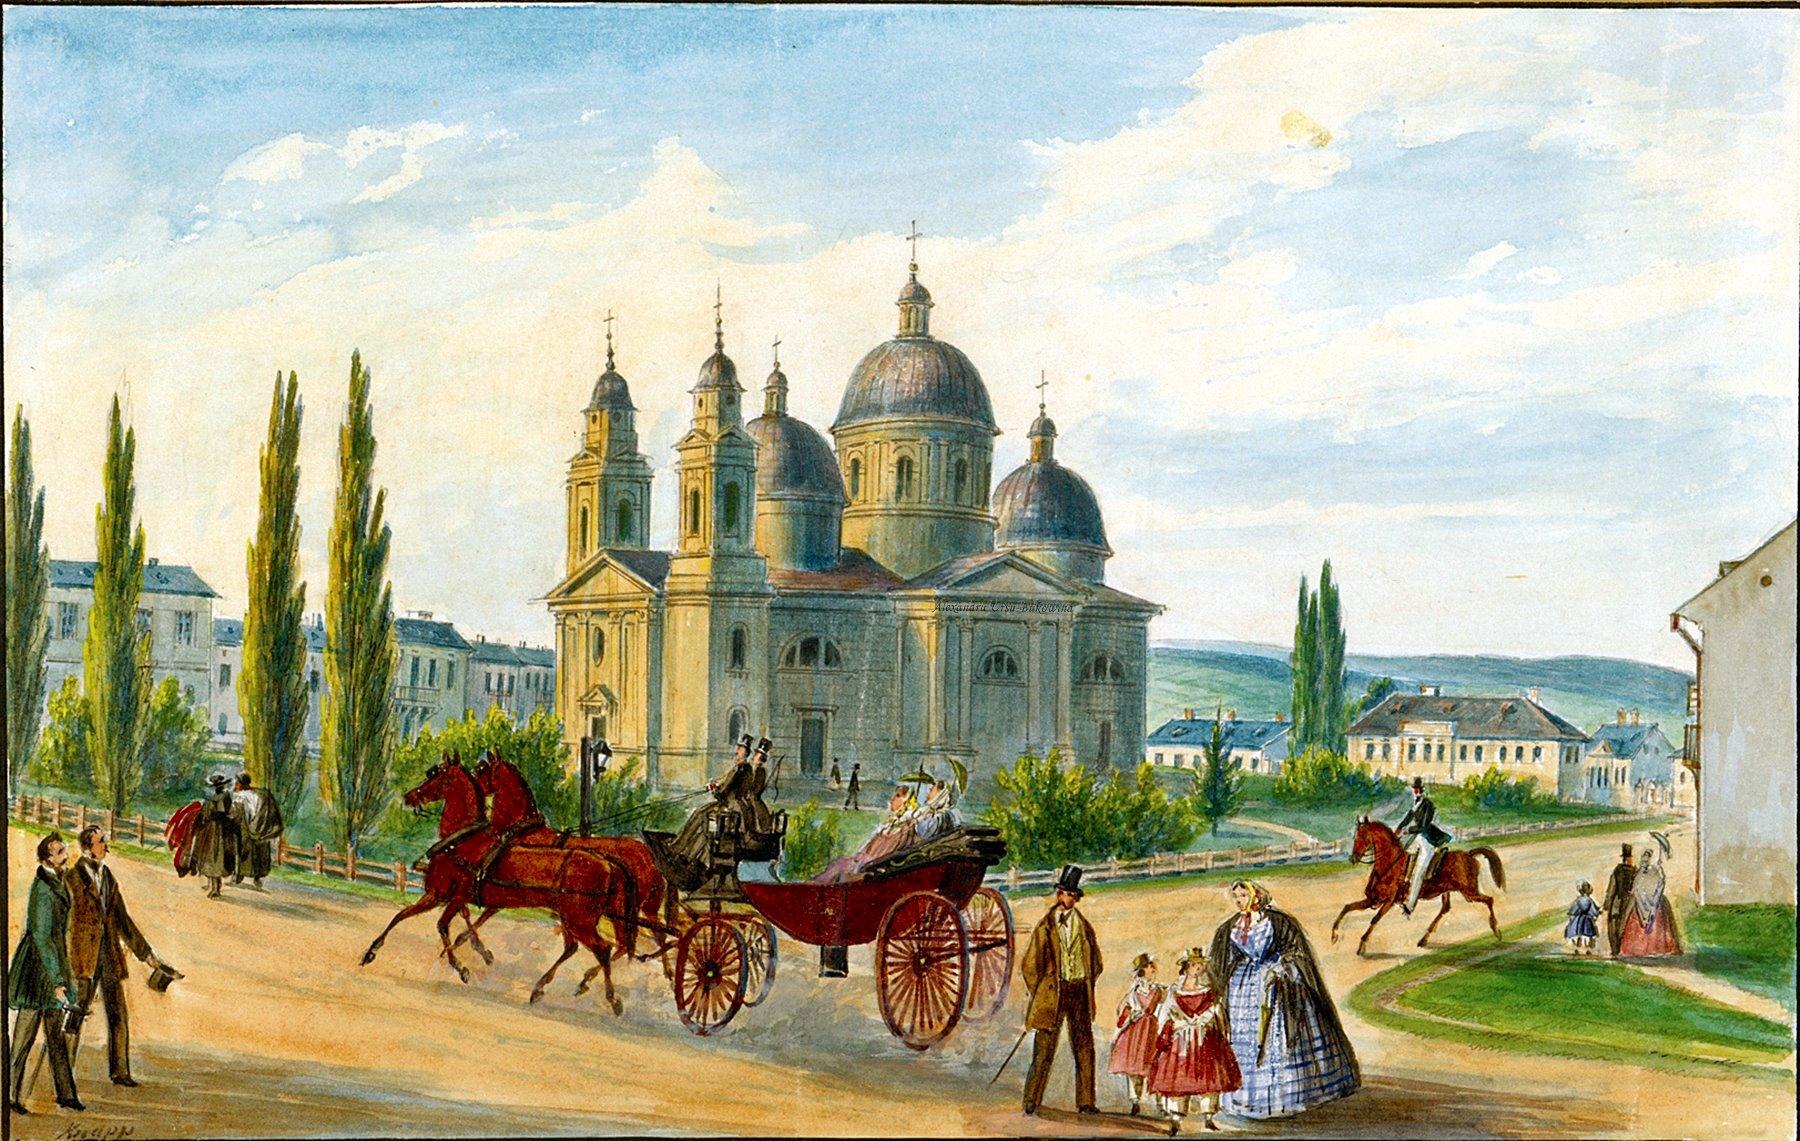 Oameni si locuri din Bucovina.Griechisch orientalische Kathedrale in Czernowitz.Franz Xavier Knapp(1809-1883).